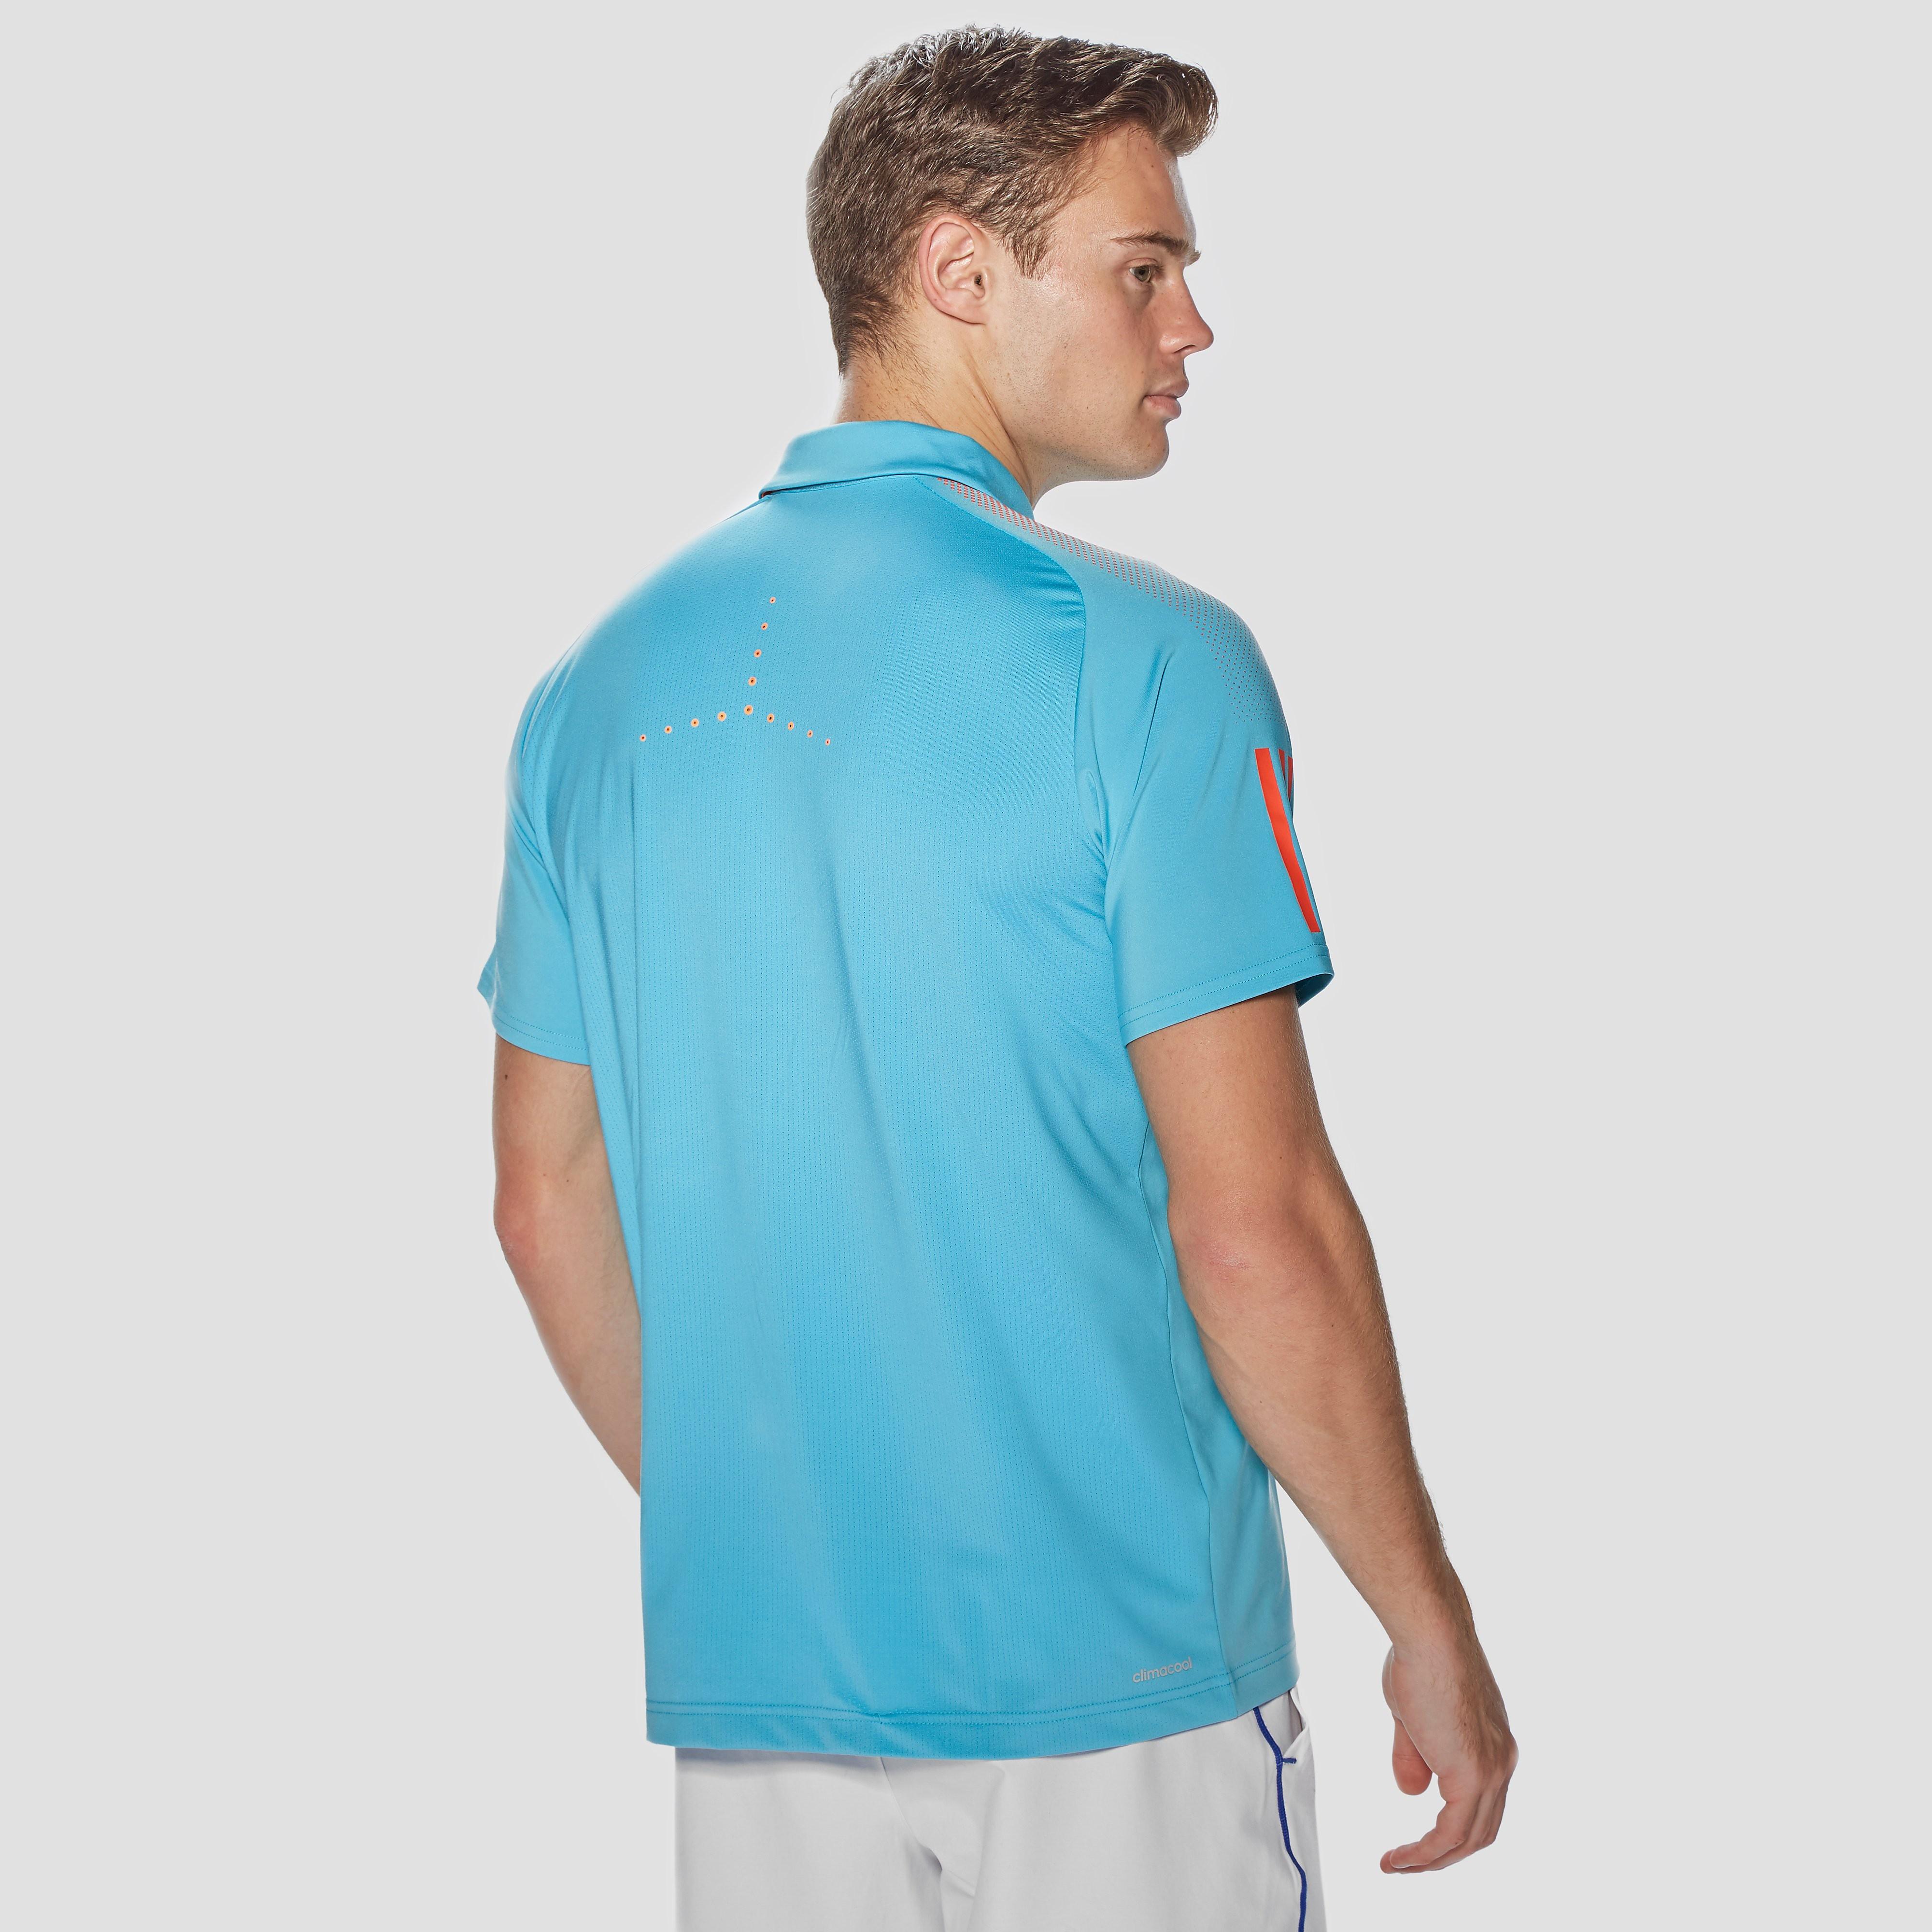 adidas Barricade Men's Tennis Polo Shirt